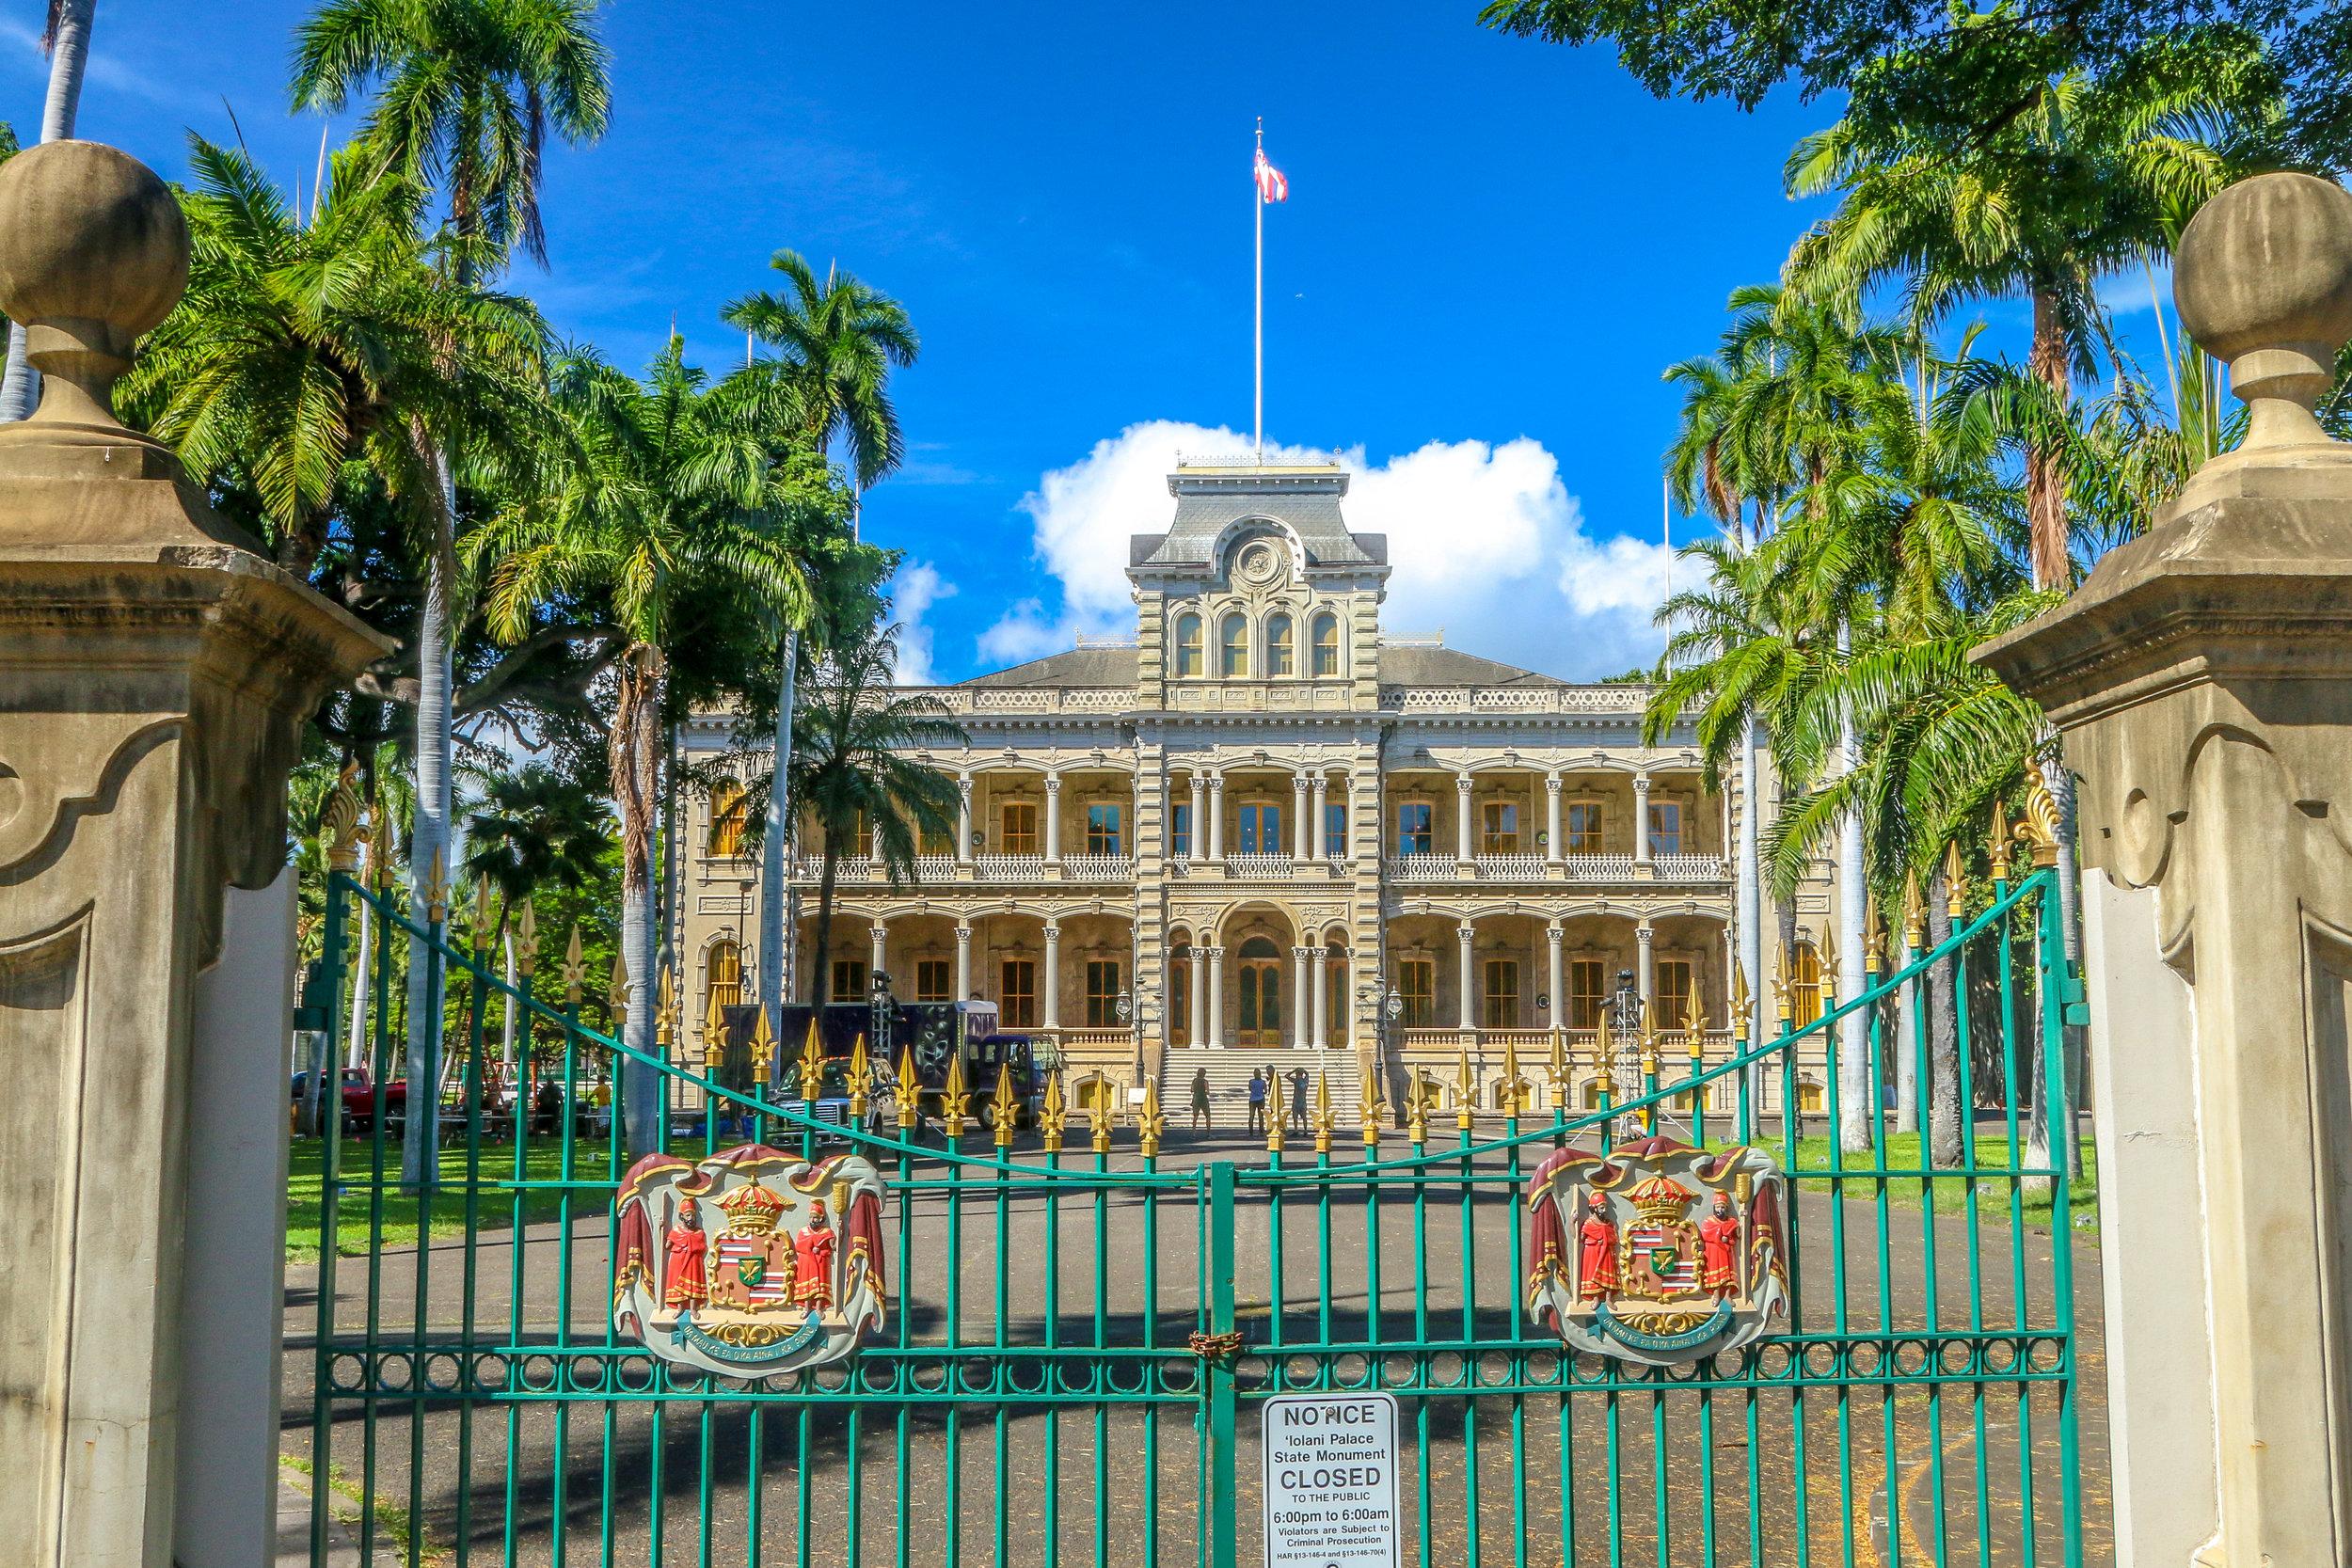 Oahu Hawaii HI photos photography Iolani Palace Honolulu